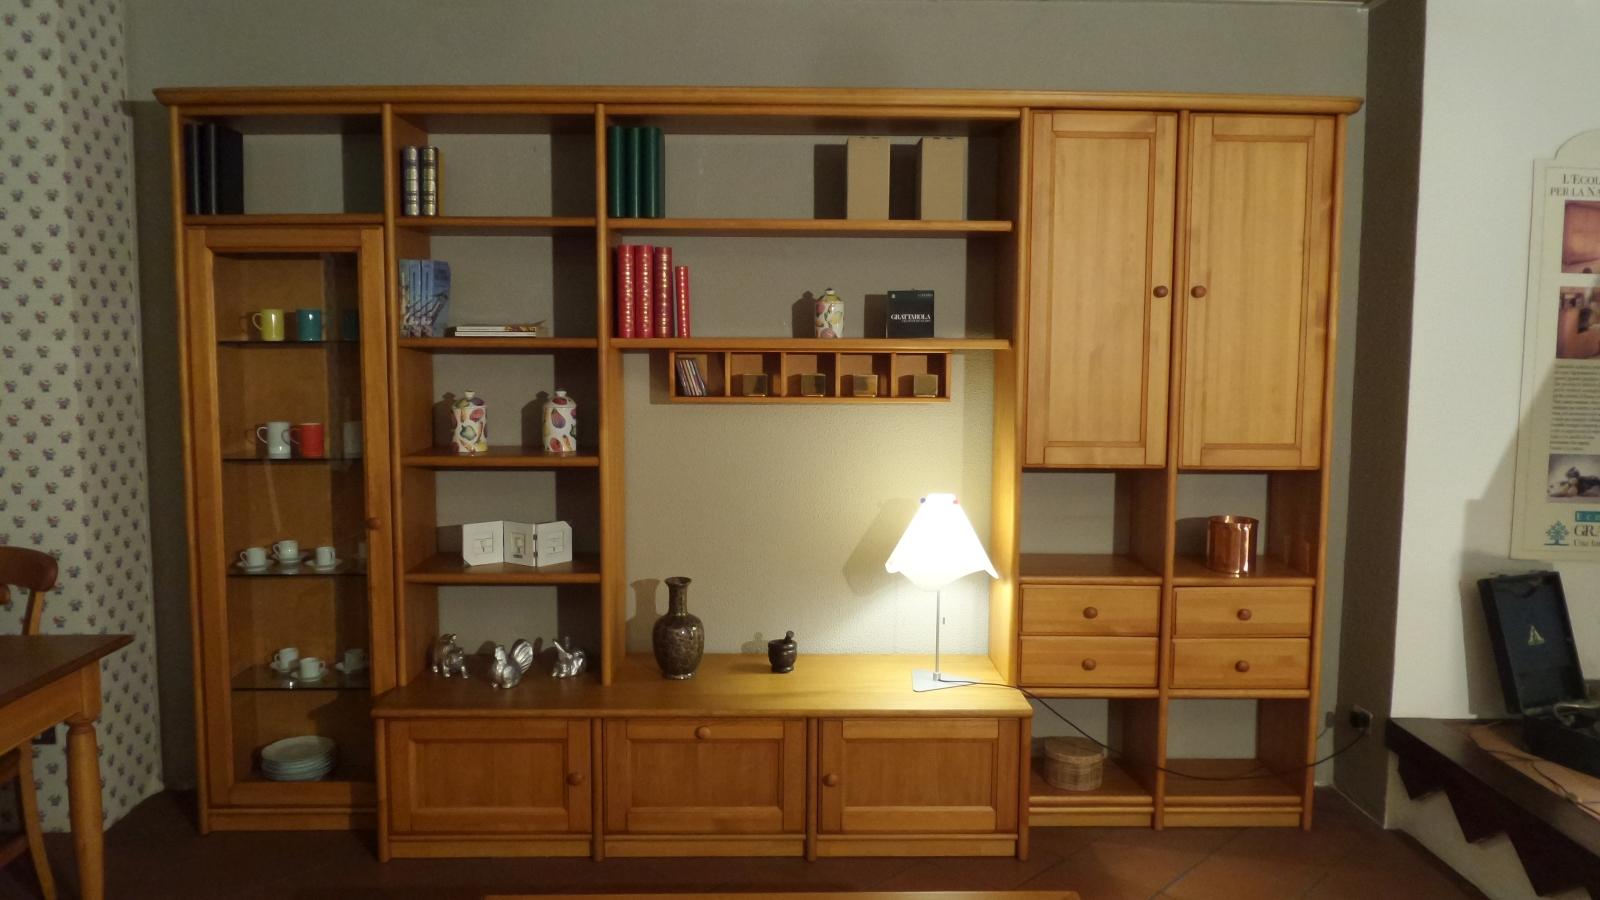 Soggiorno grattarola canard legno pareti attrezzate for Soggiorni pareti attrezzate